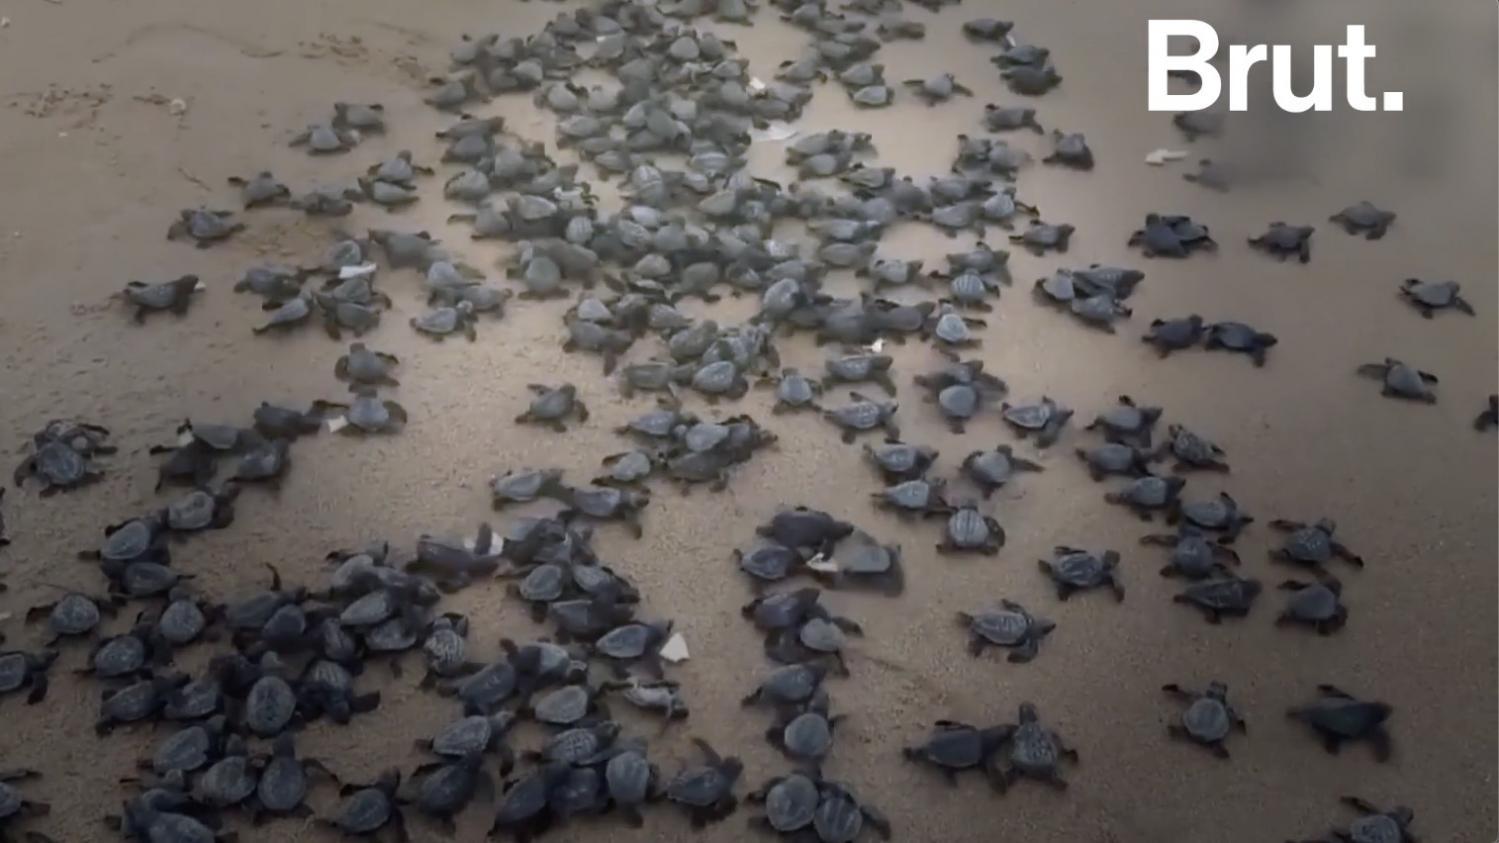 VIDEO. En Inde, l'heure du déconfinement a sonné pour des milliers de bébés tortues